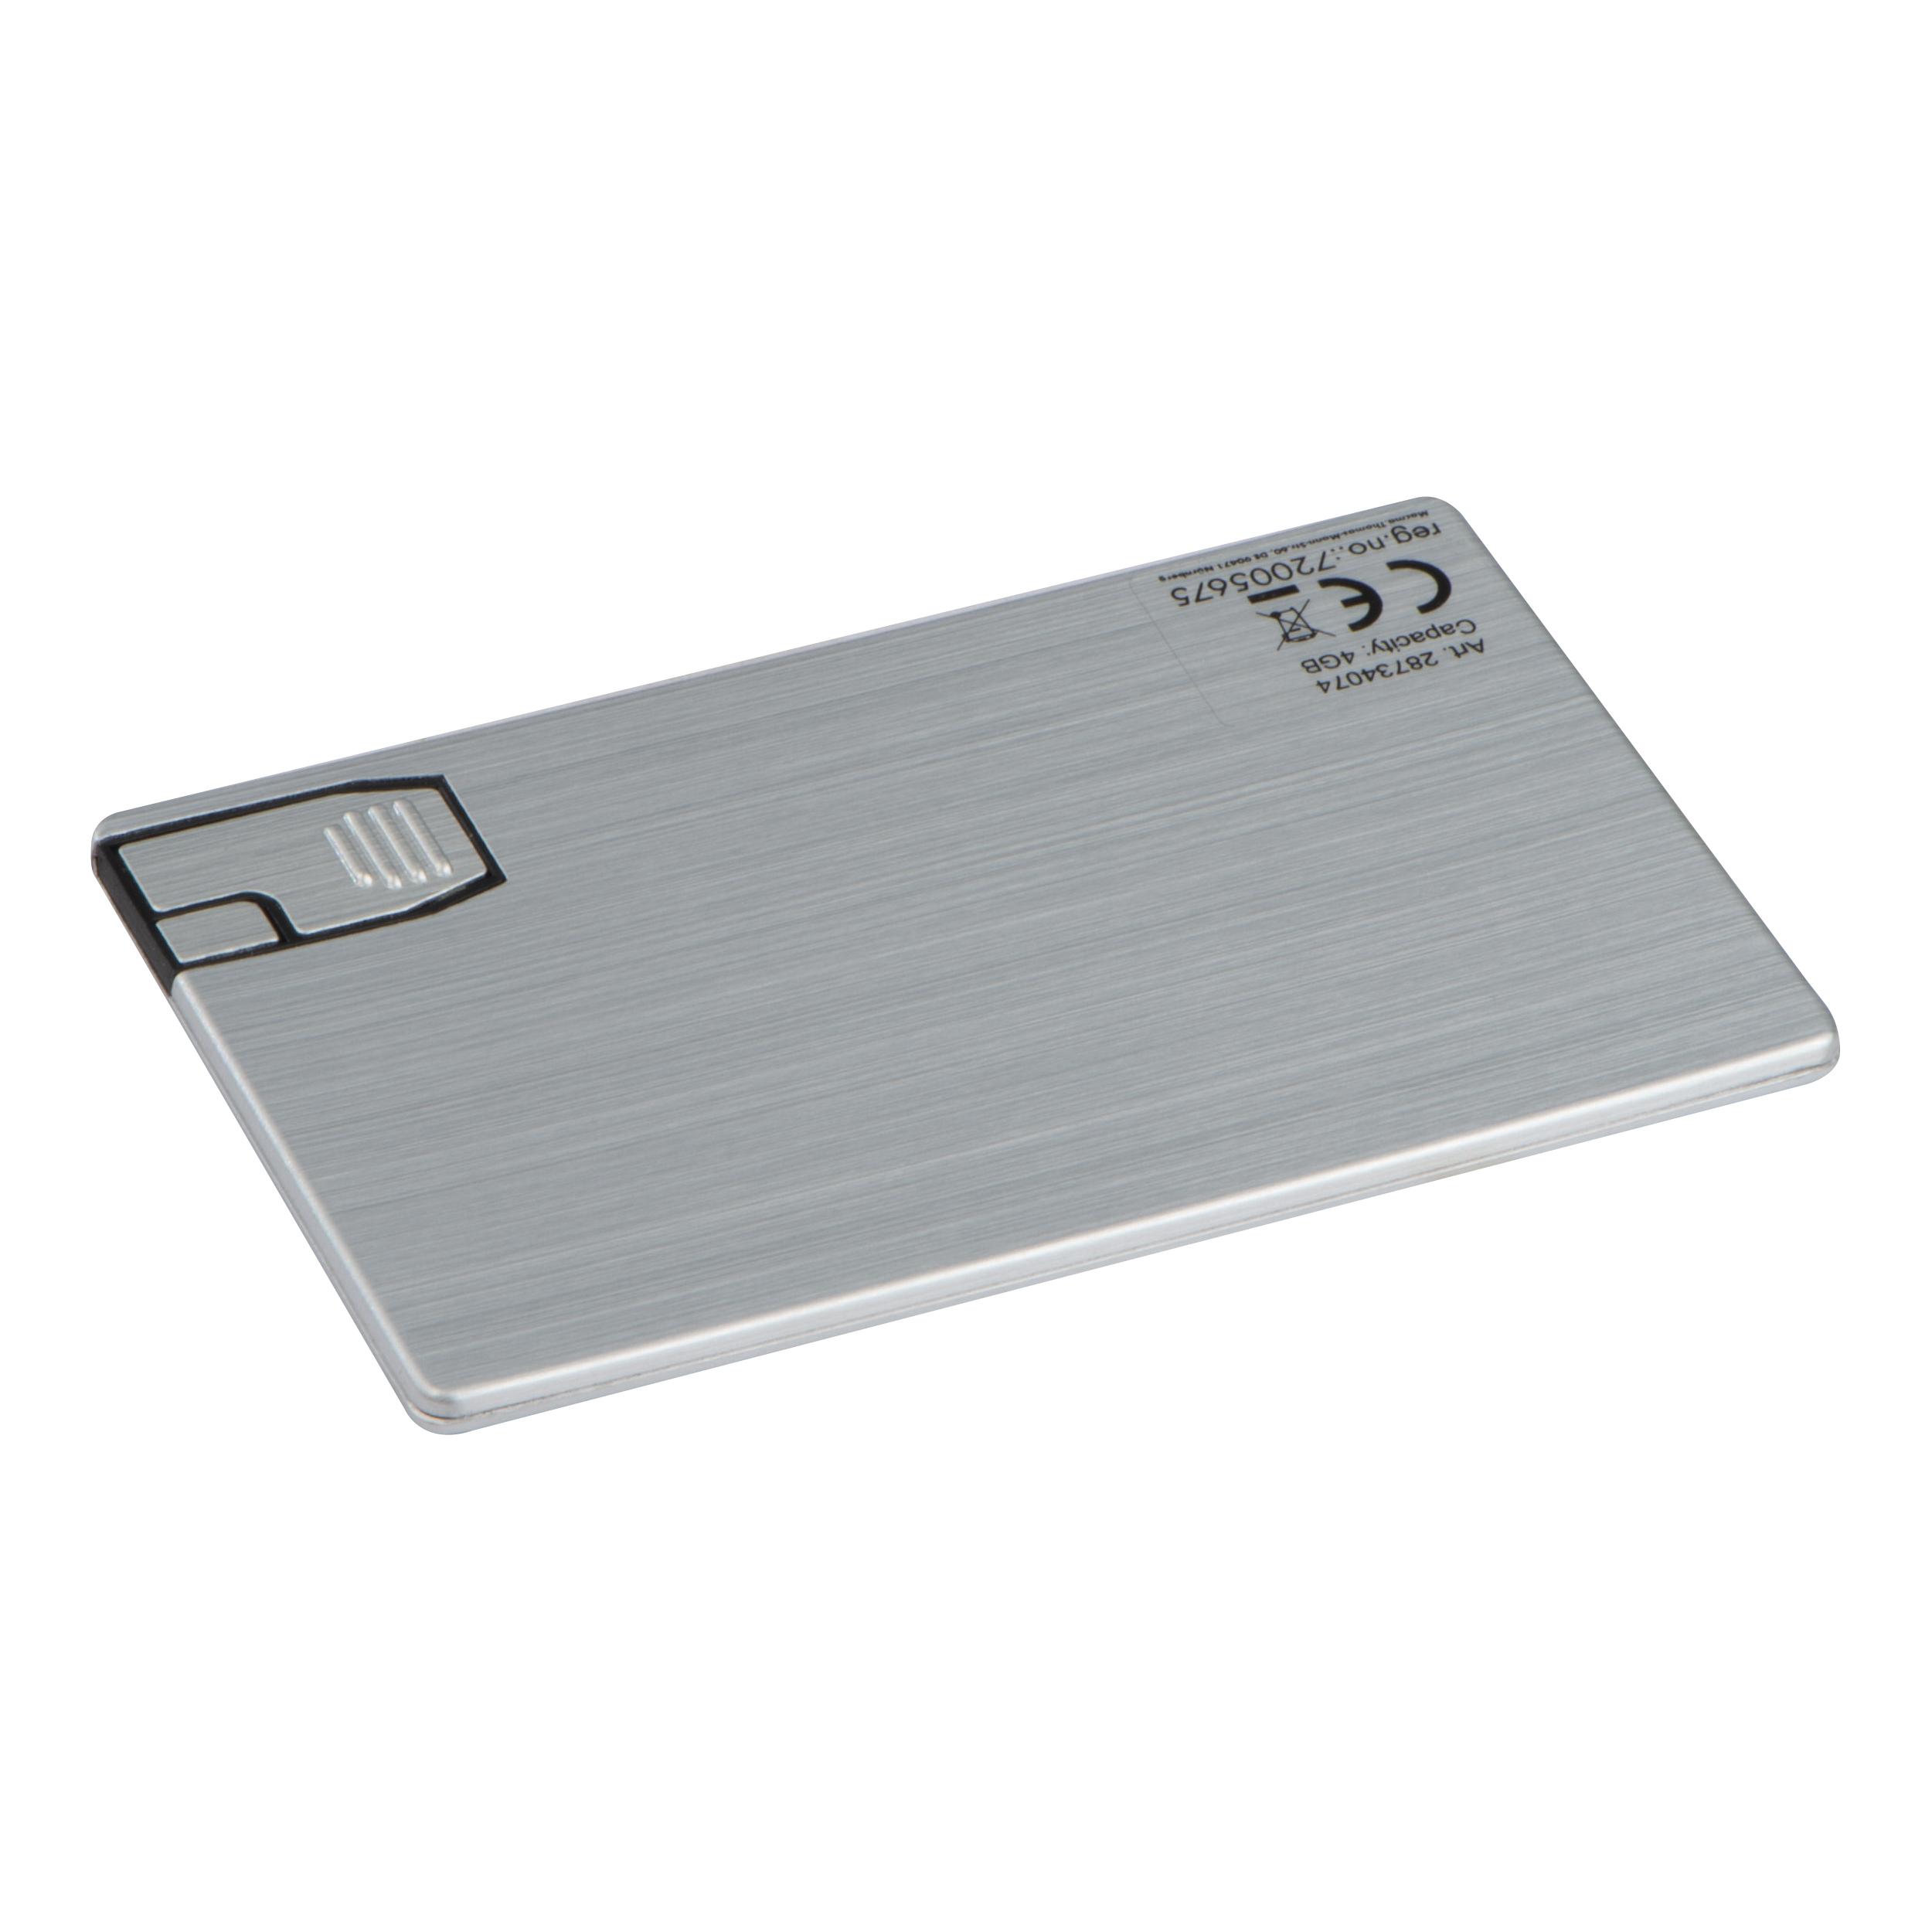 USB-Karte